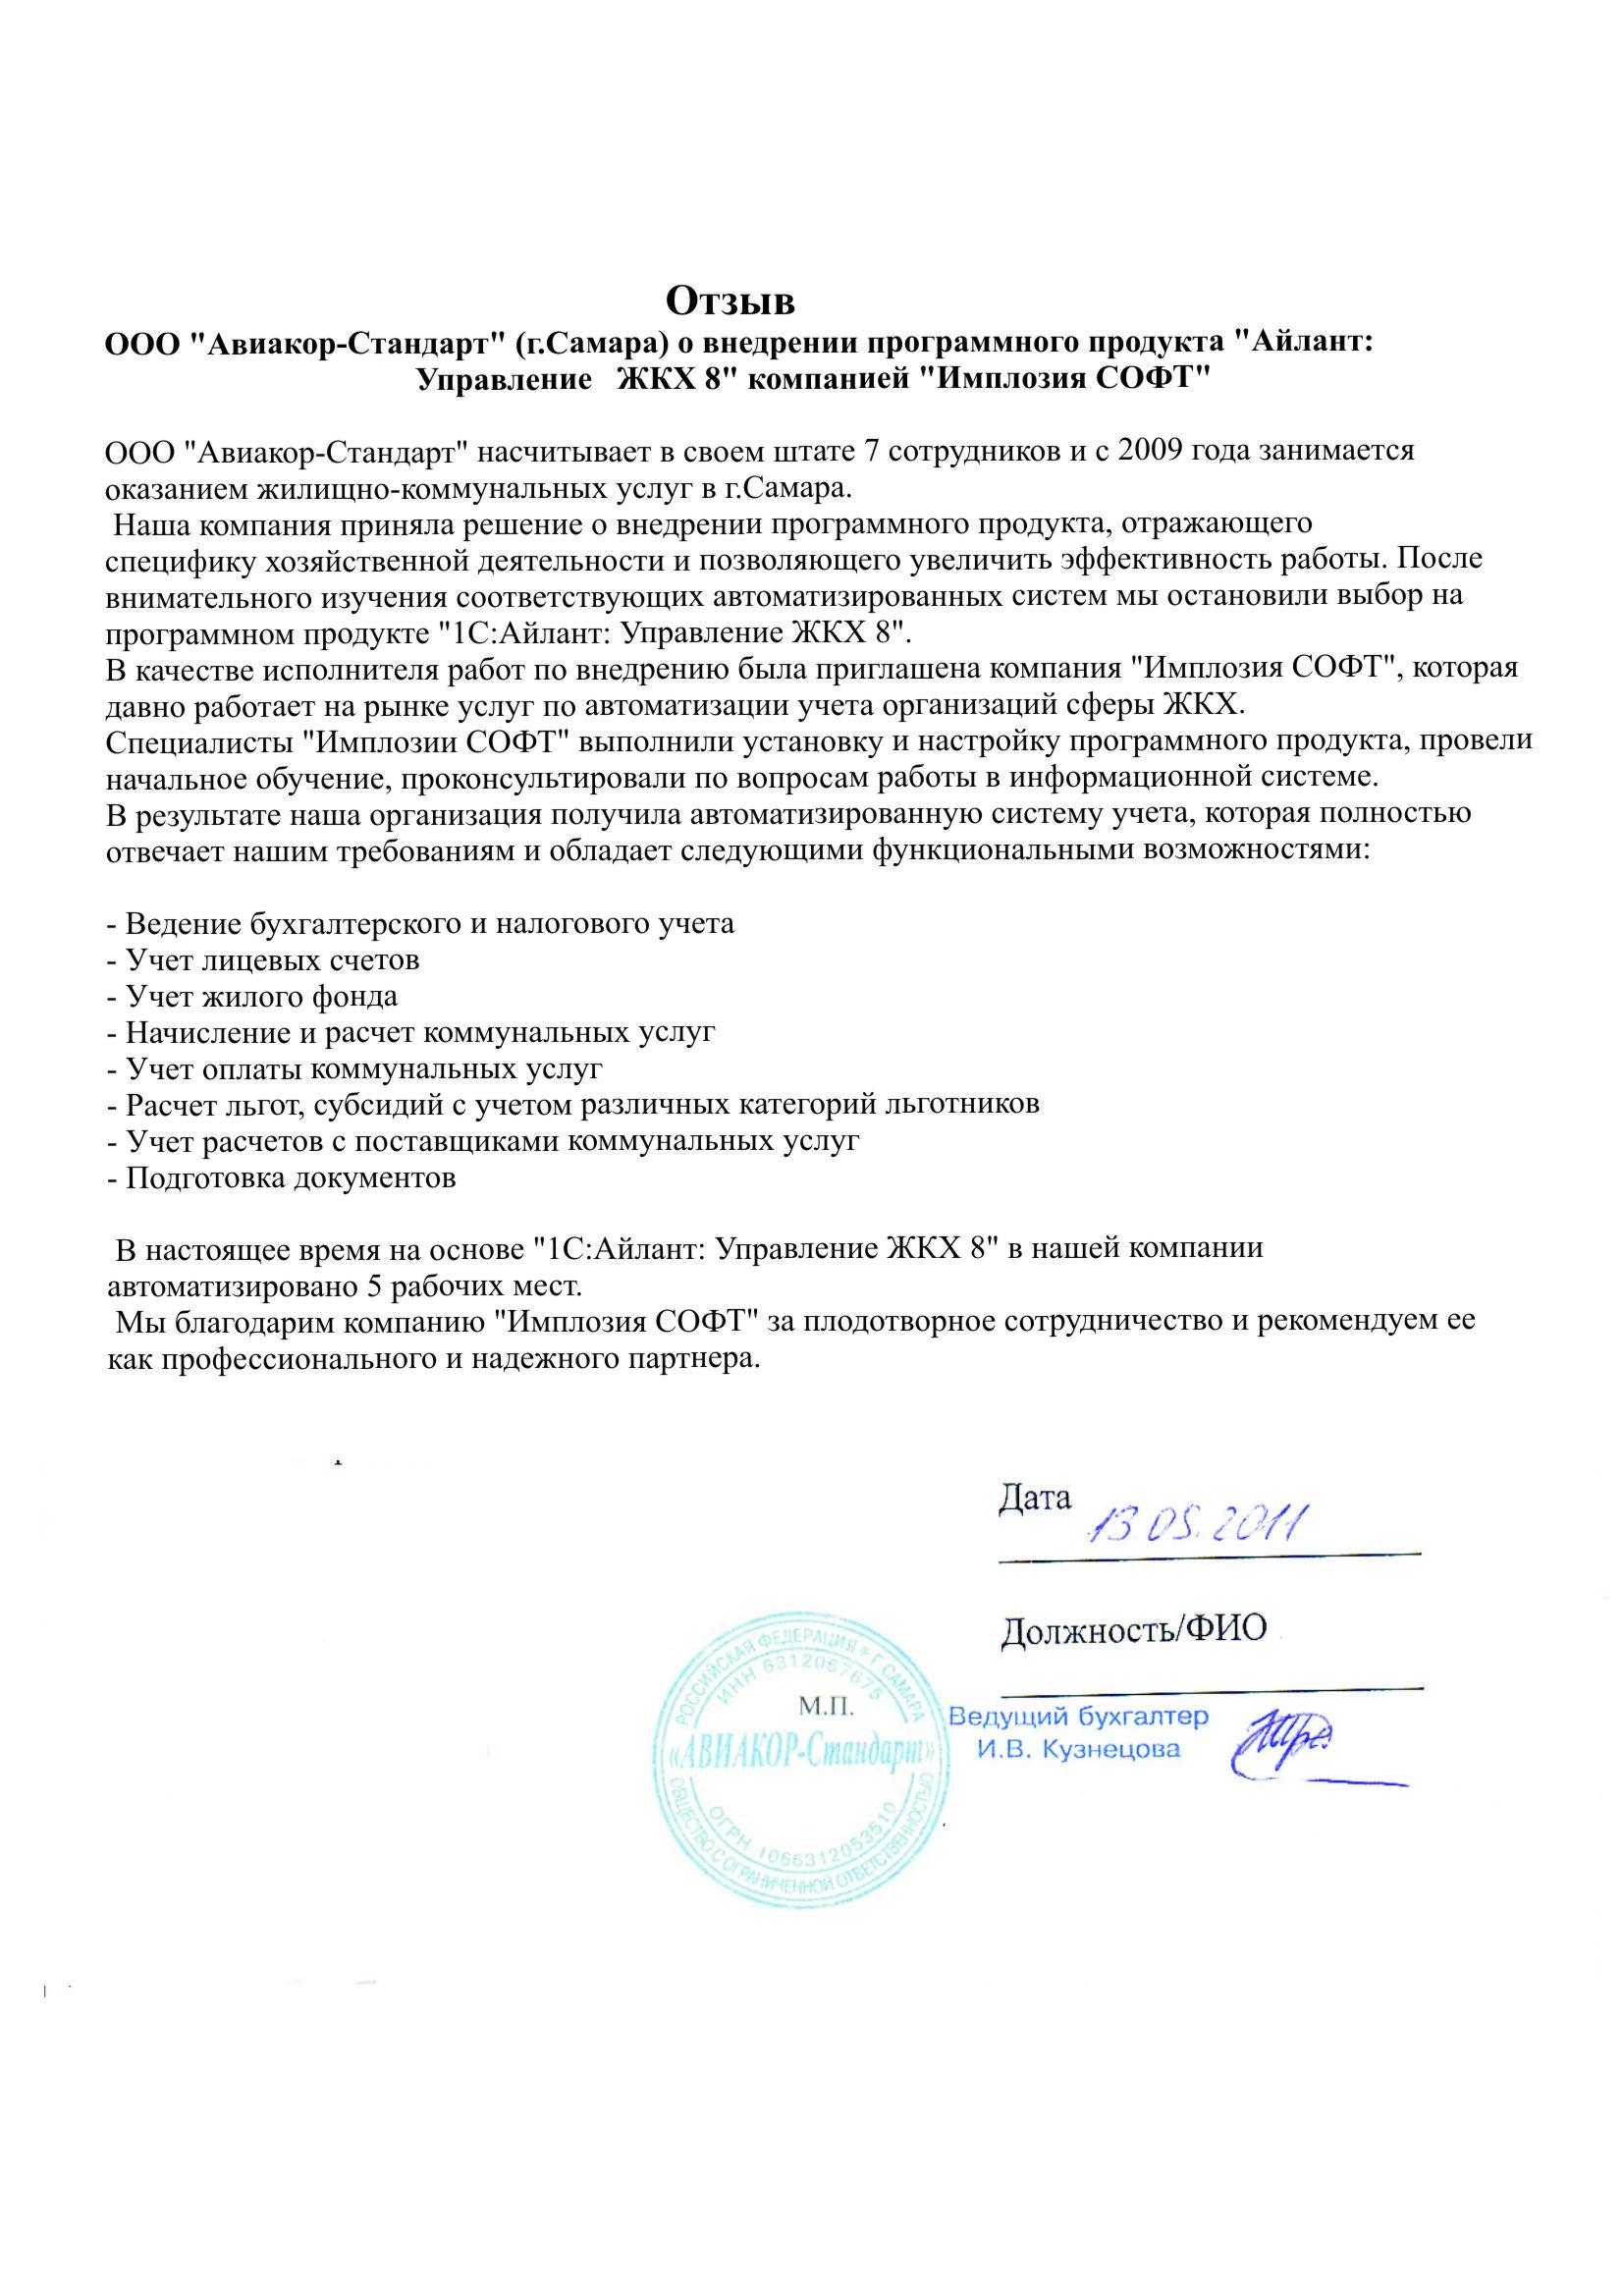 Отзыв о программе Айлант:Управление ЖКХ от Авиакор Стандарт